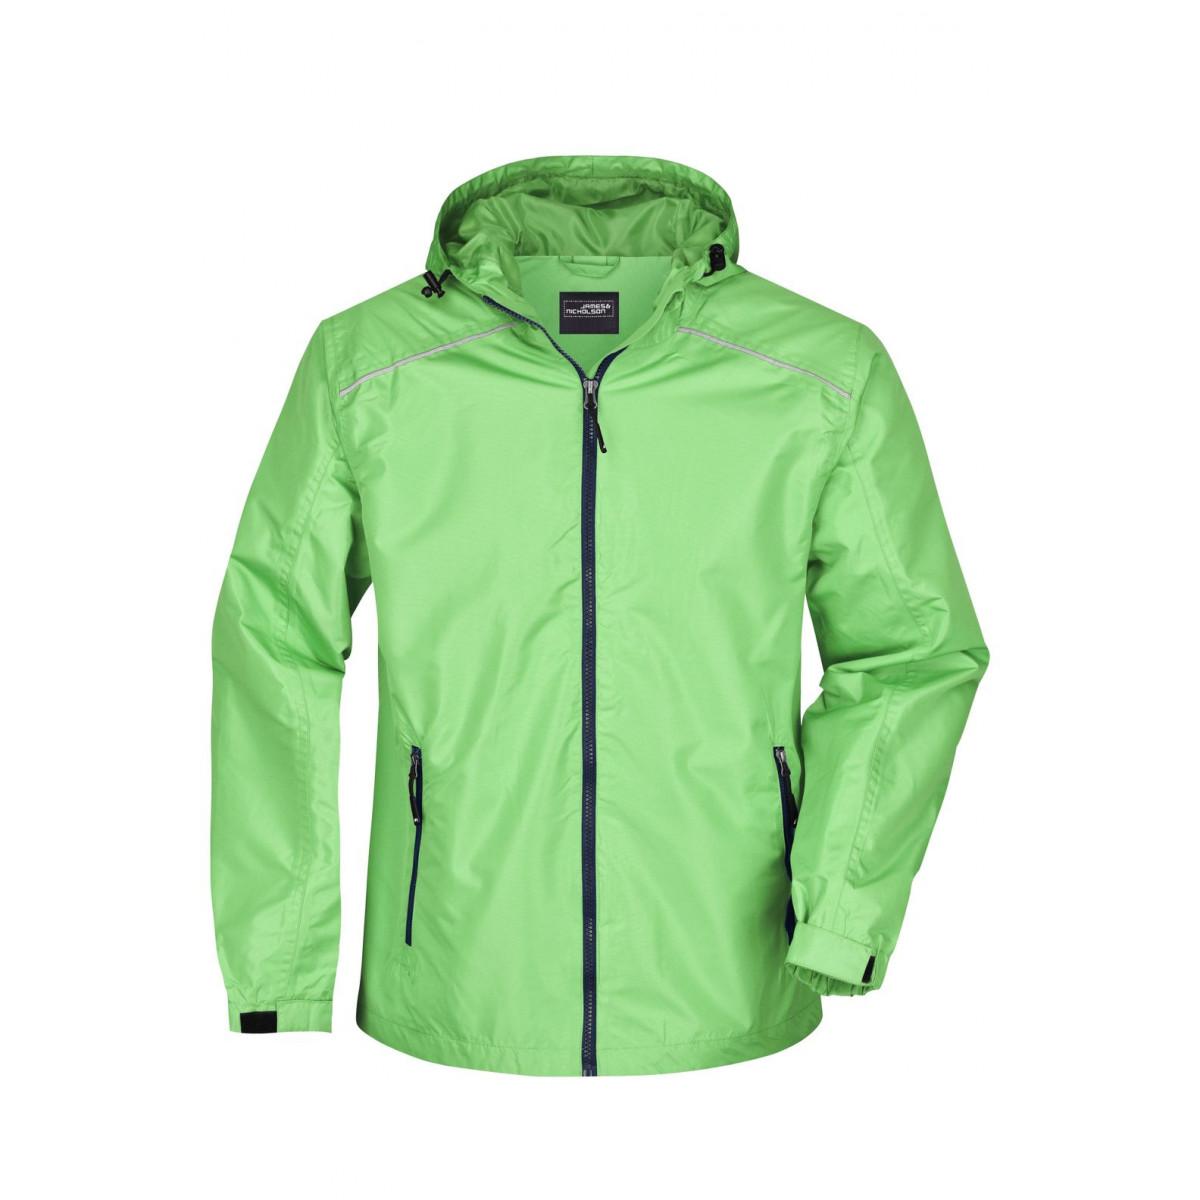 Куртка мужская JN1118 Mens Rain Jacket - Насыщенный зеленый/Темно-синий